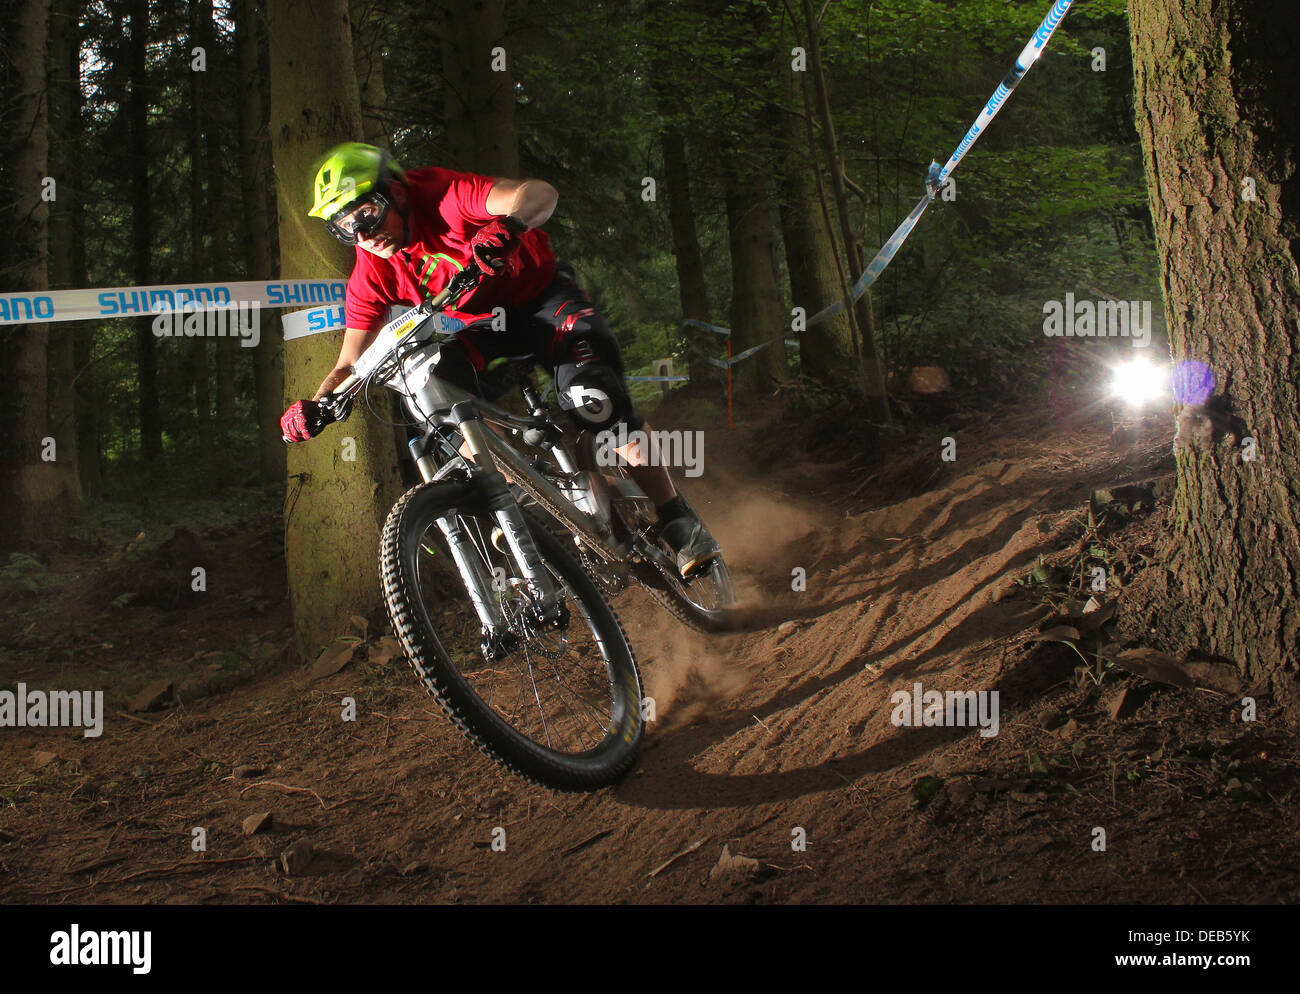 Enduro mountain bike rider at Eastridge UK - Stock Image